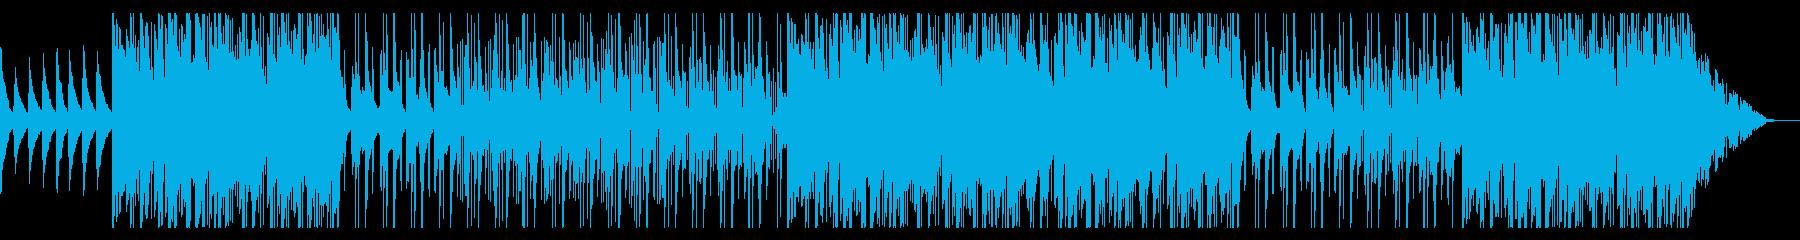 まったり キーボード パーカッションの再生済みの波形